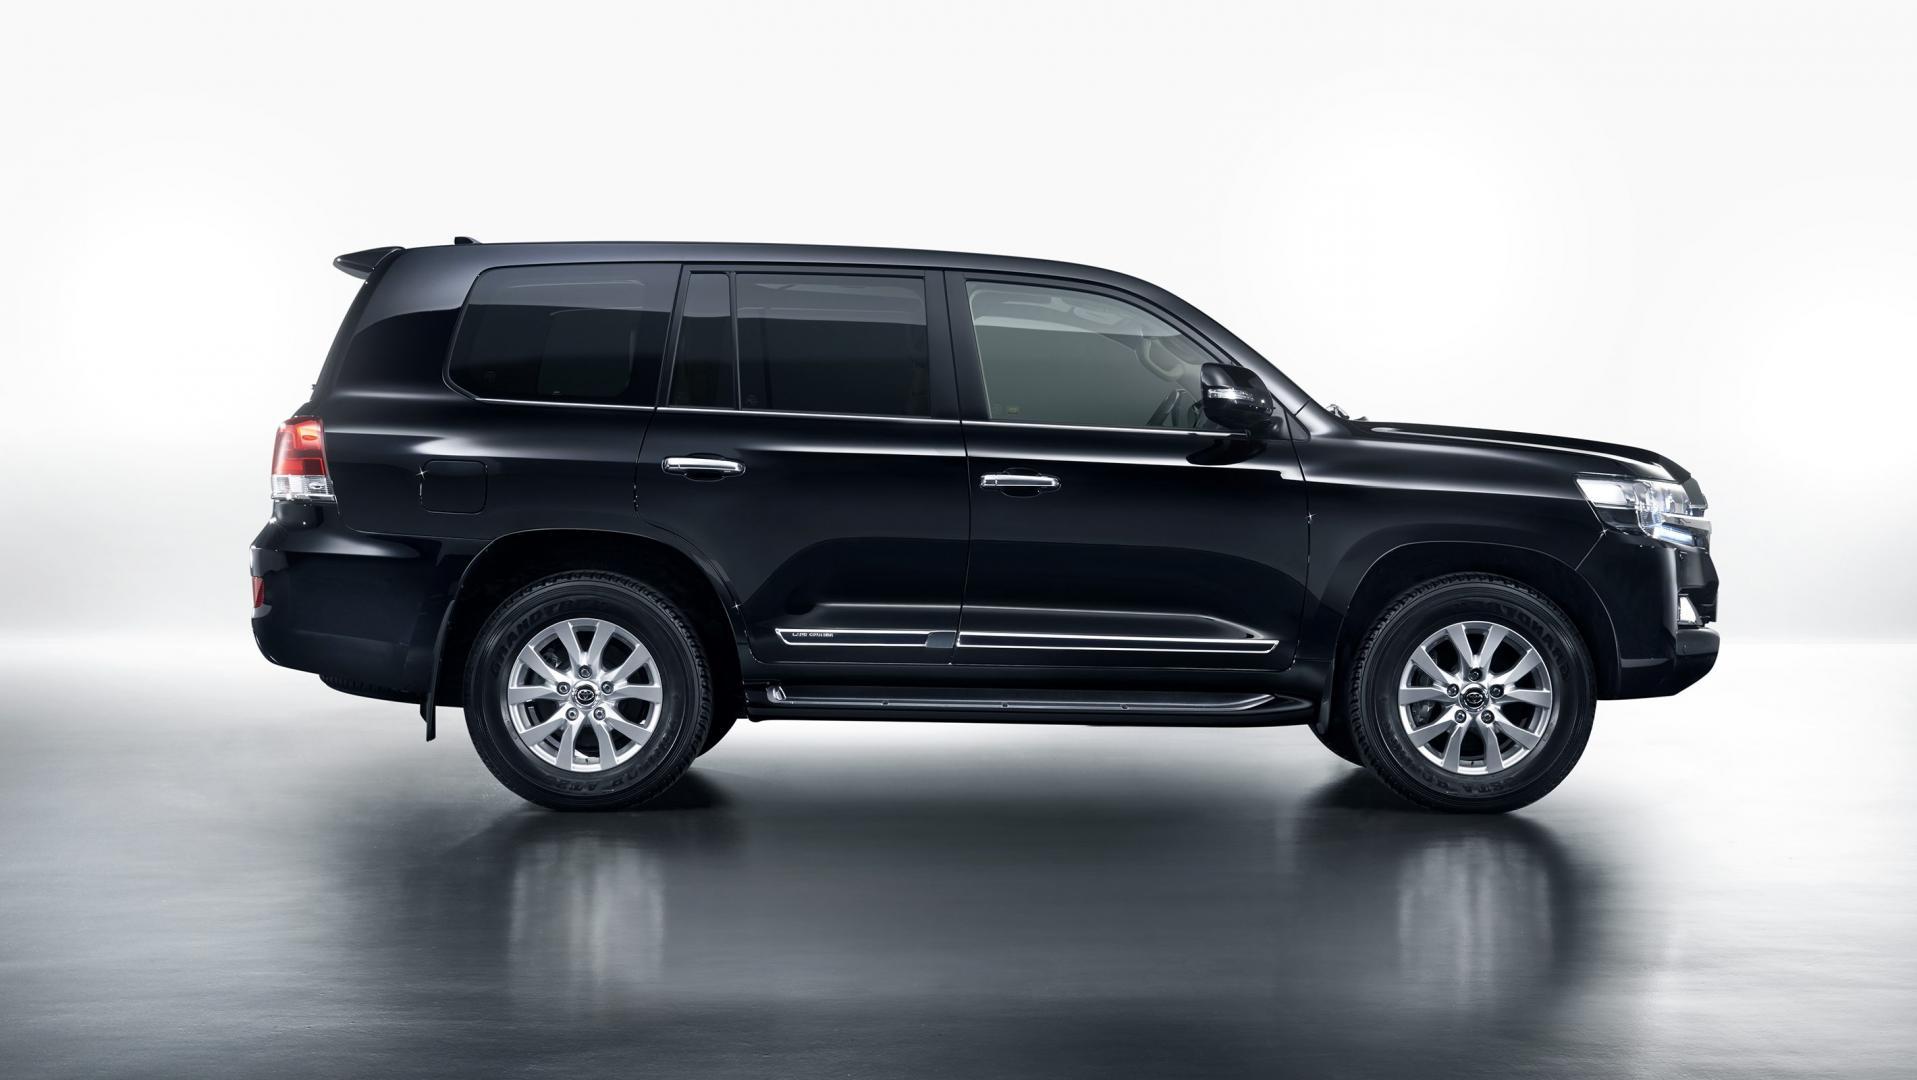 Toyota Land Cruiser Defensie Koninklijke Marechaussee